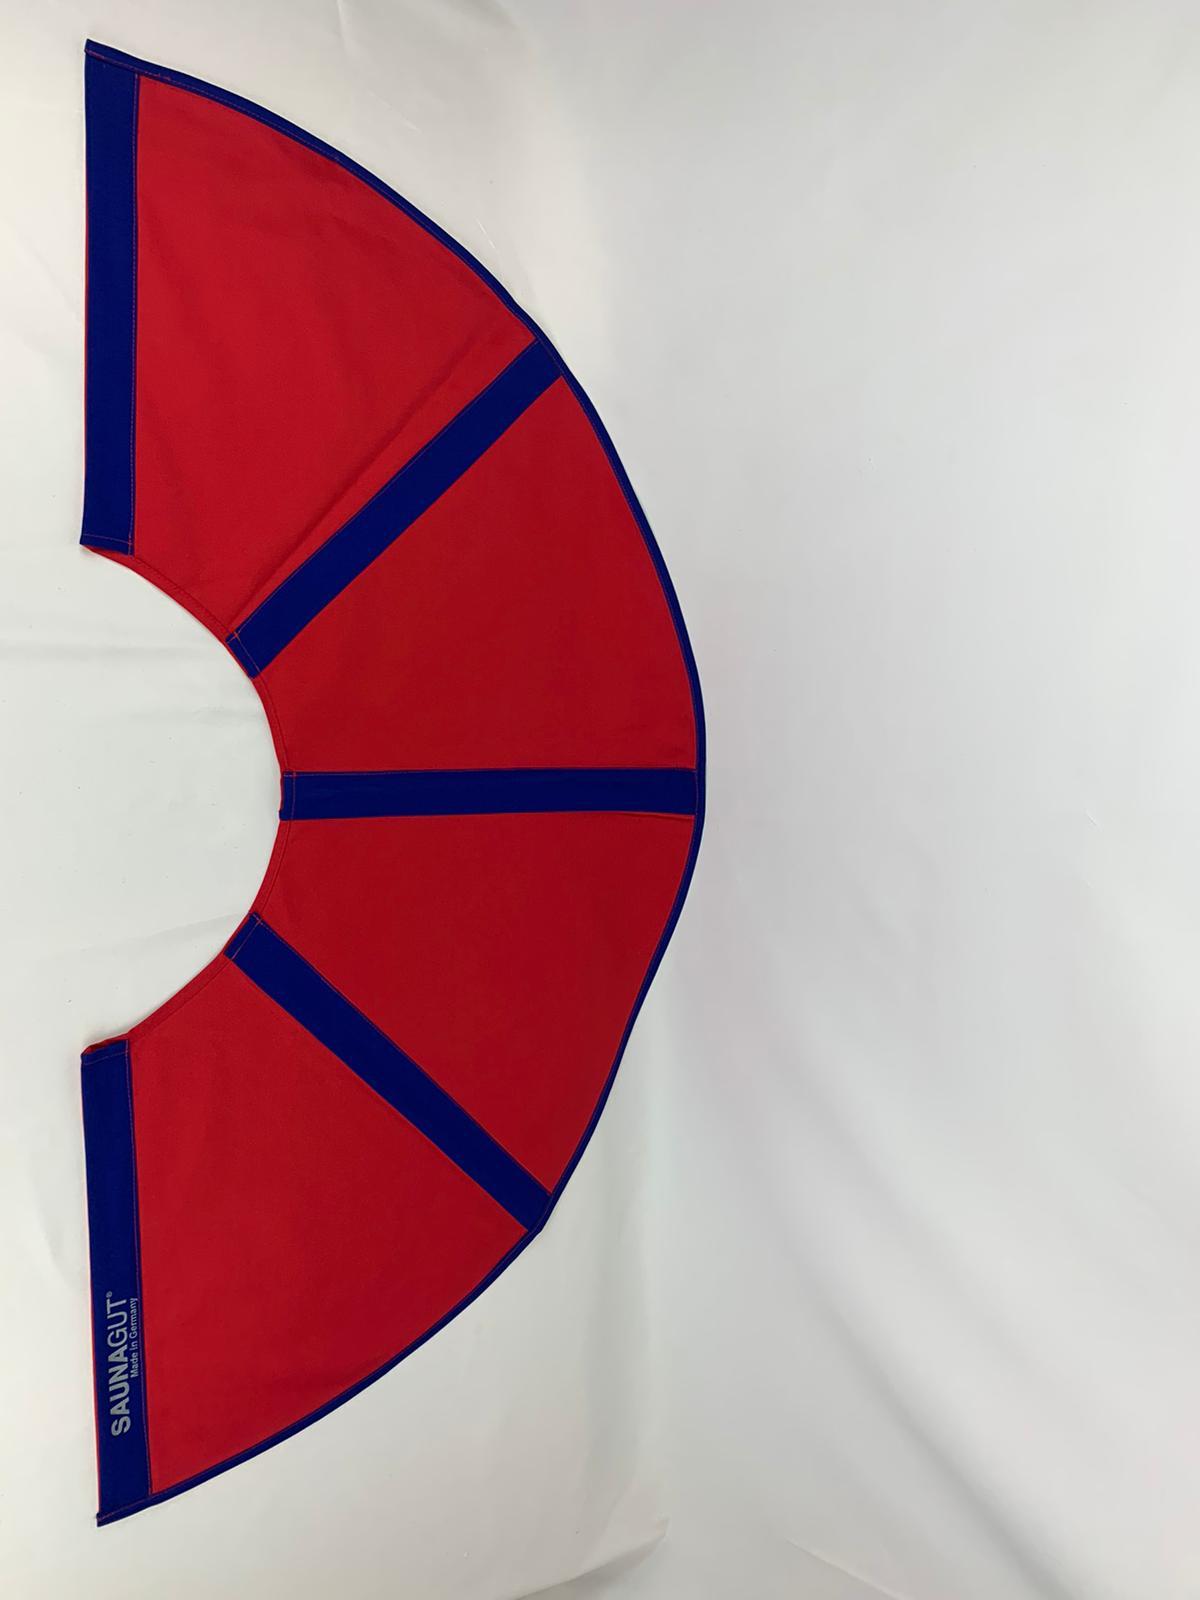 003-ES-AFS-RB   Ersatzstoff Aufgussfächer STANDARD Rot-Blau